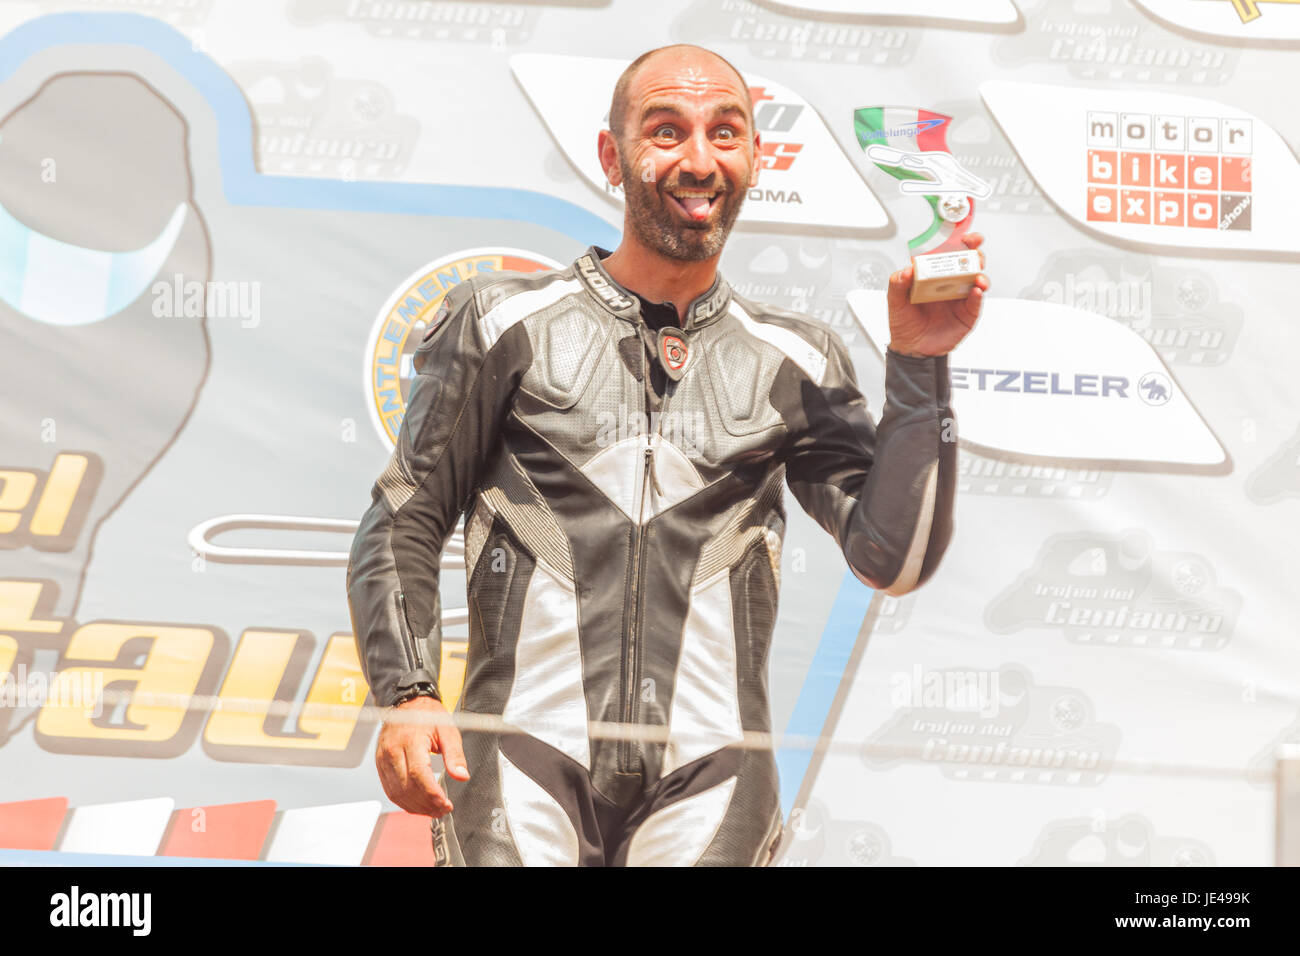 Trofeo di motociclismo: Città di Otricoli 2017 Stock Photo